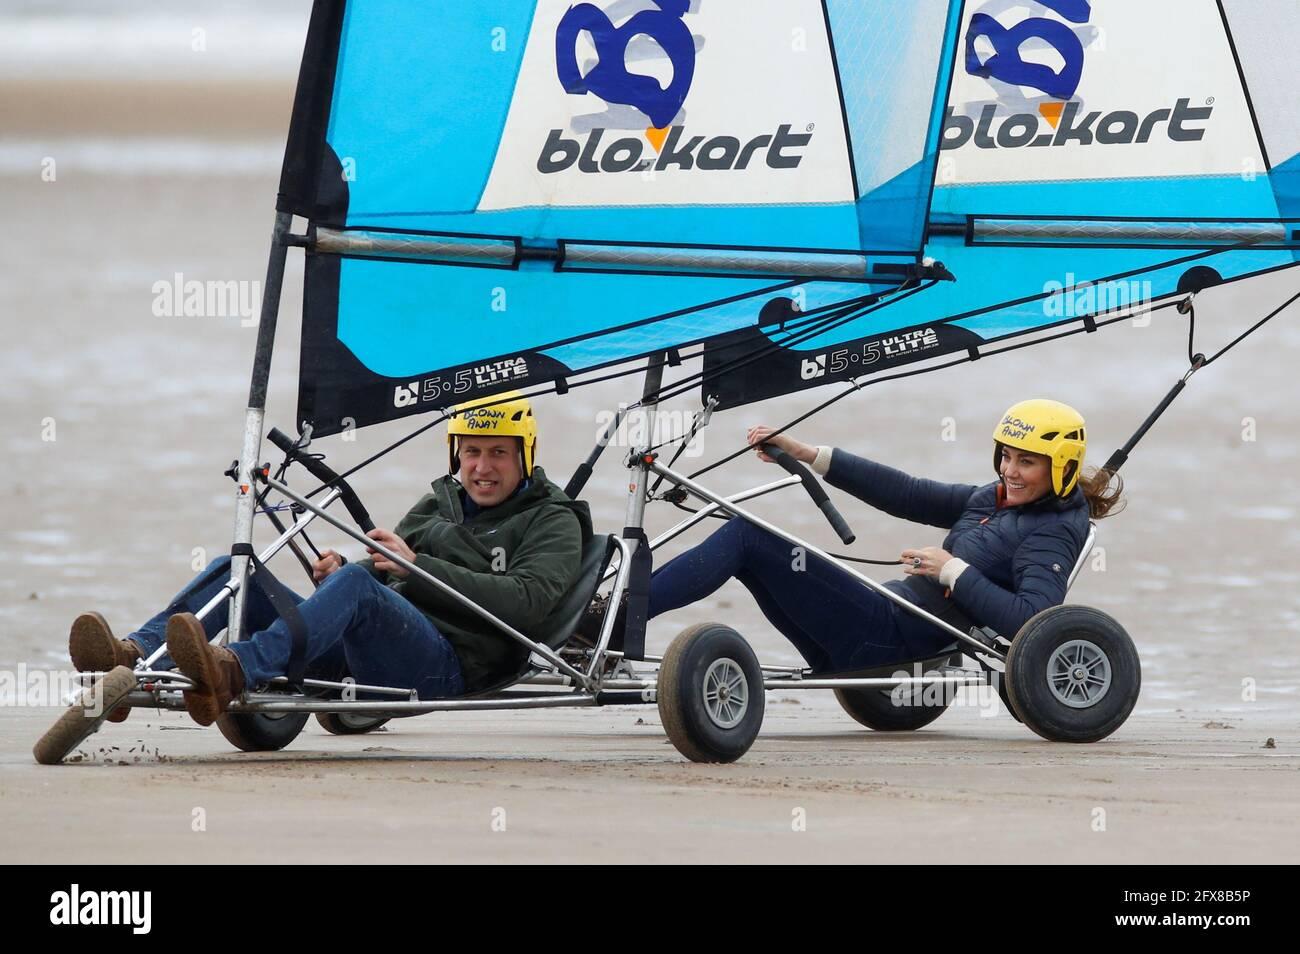 Il Duca e la Duchessa di Cambridge atterrano sulla spiaggia di St Andrews. Data immagine: Mercoledì 26 maggio 2021. Foto Stock